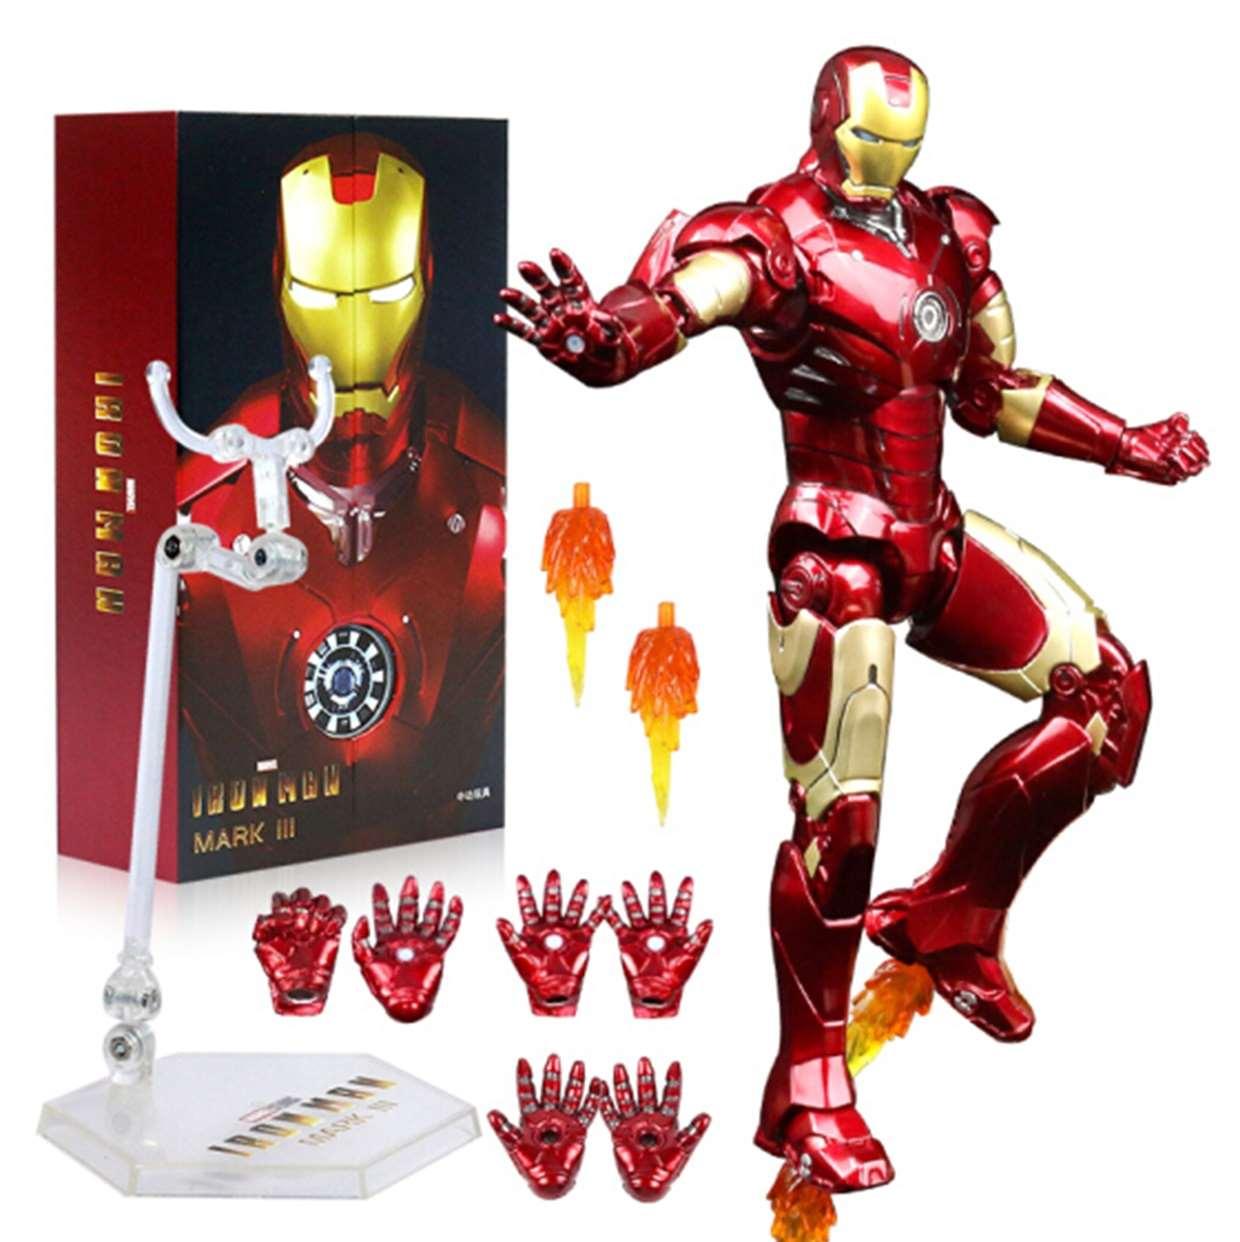 Iron Man 3 Mark Ill 1:10 Figura De Acción Z D Toys 6 PuLG